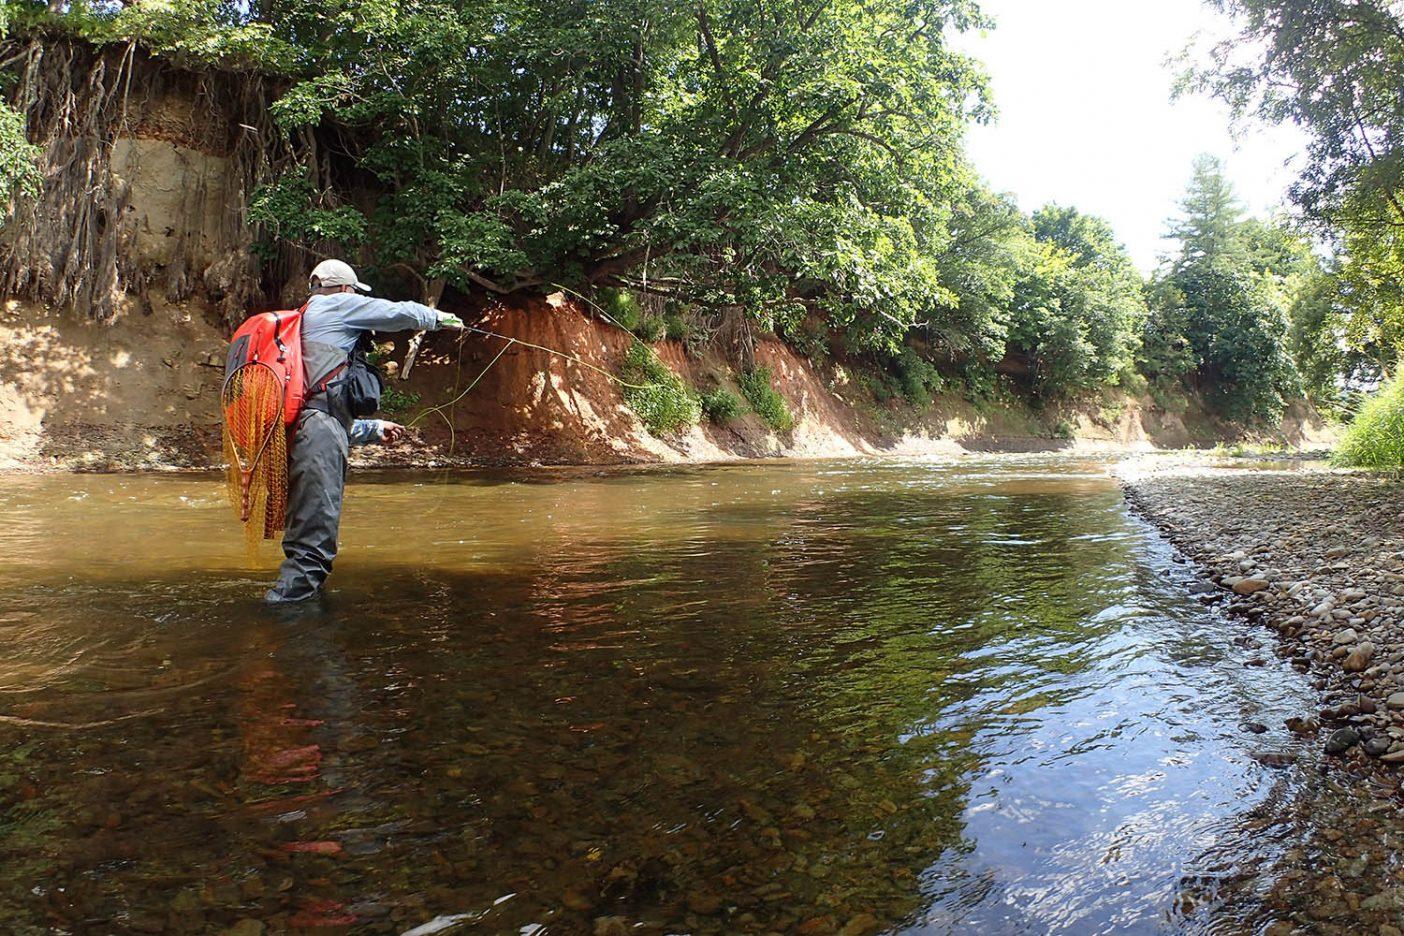 最軽量のミドル・フォーク・パッカブル・ウェーダーは軽快に釣りを続けられる 写真:佐々木 大